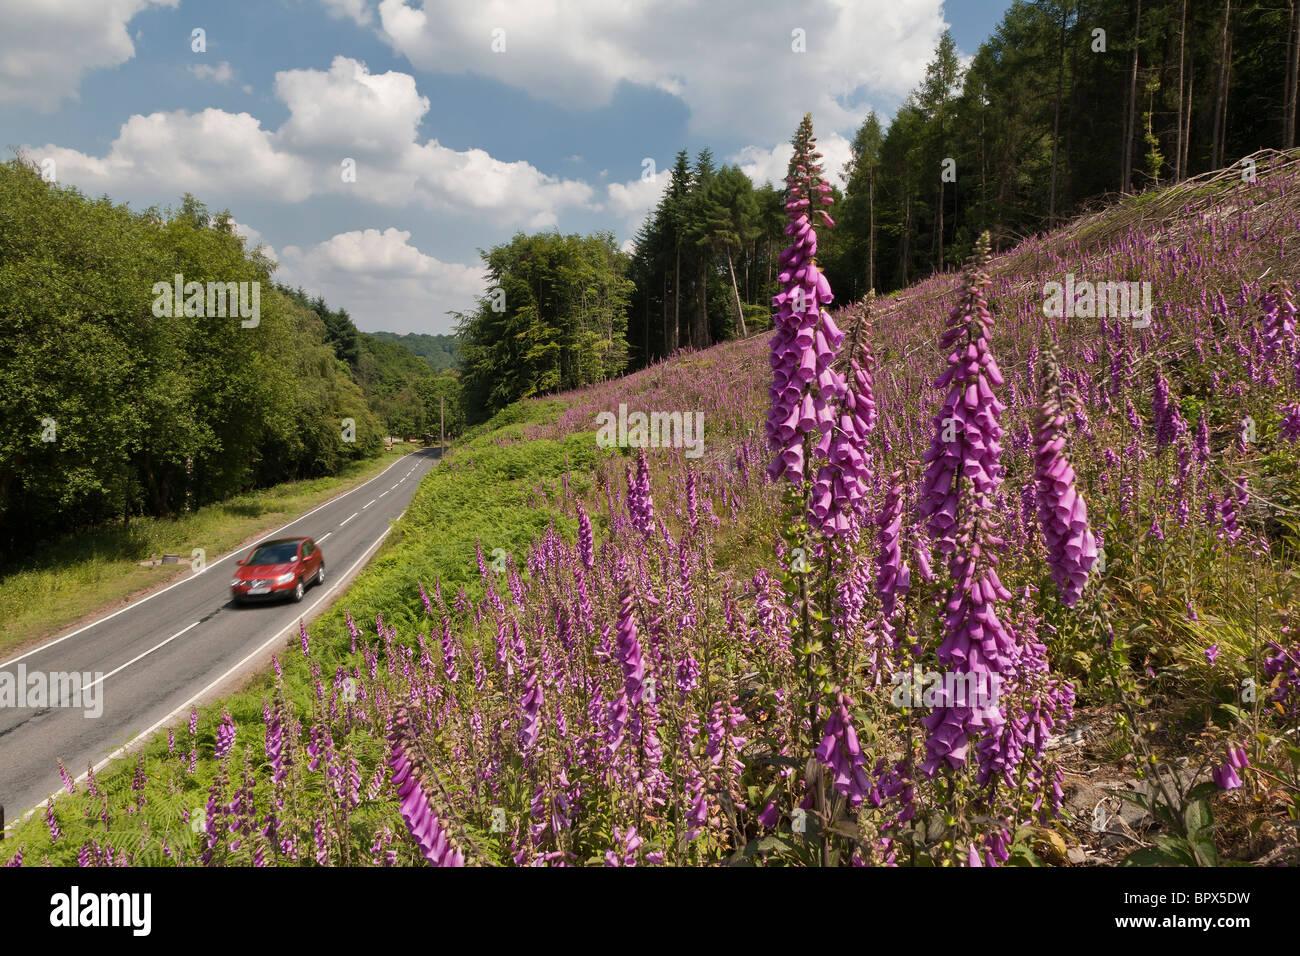 ROTE Auto ON ROAD im Wald von DEAN mit FINGERHUT im Vordergrund. Stockfoto